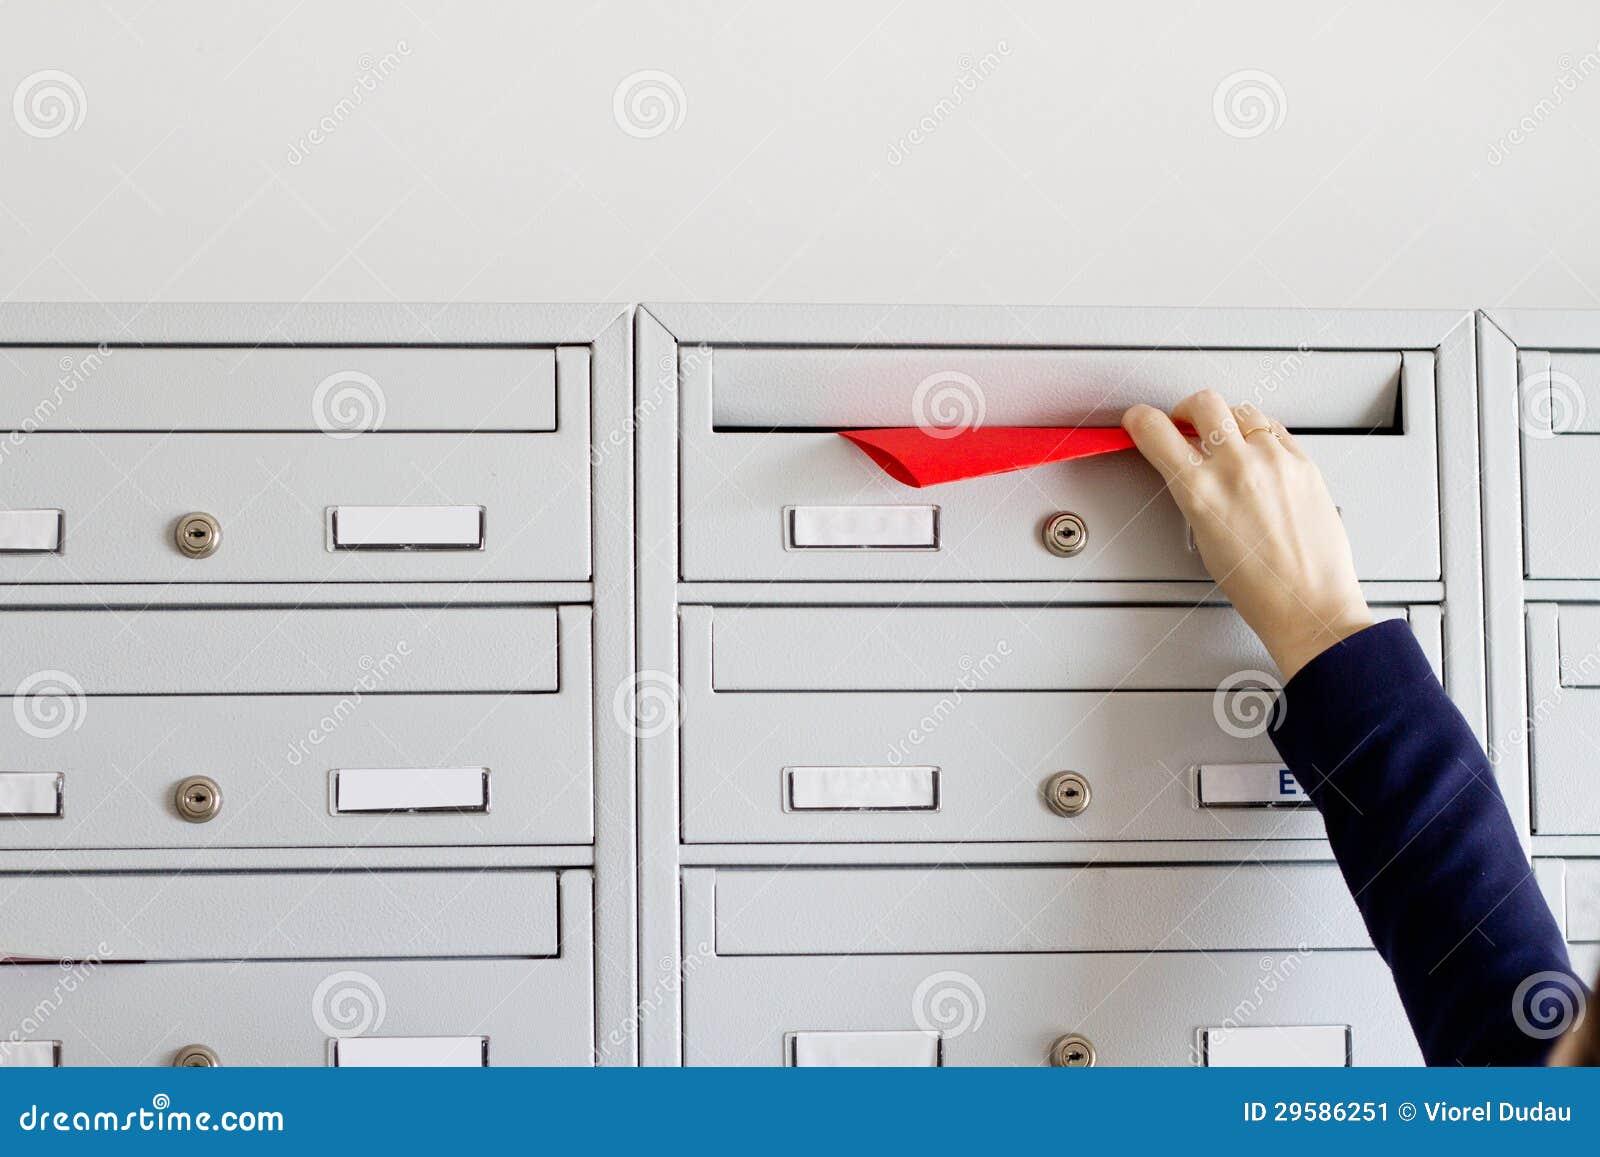 Ιπτάμενο στην ταχυδρομική θυρίδα